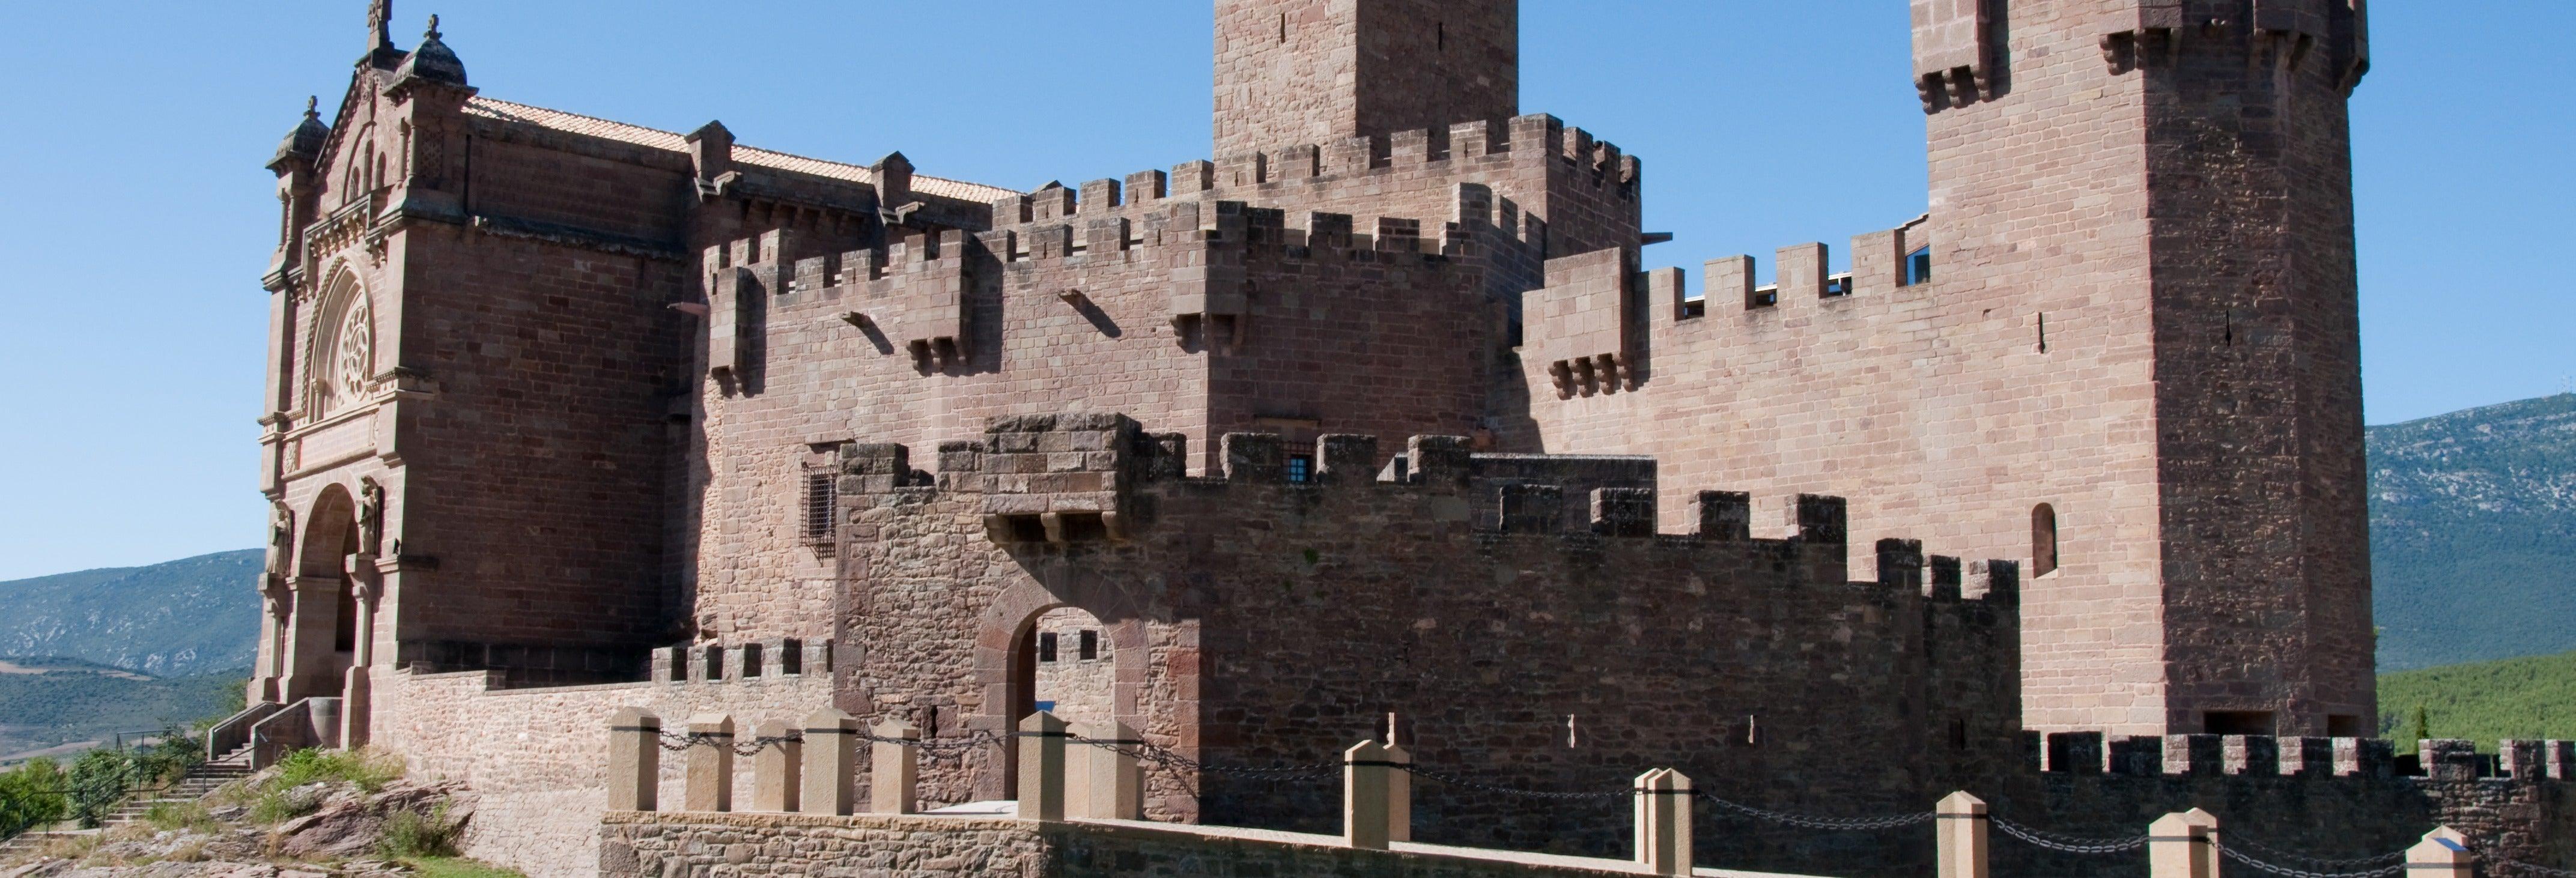 Excursão ao mosteiro de Leyre e ao castelo de Javier